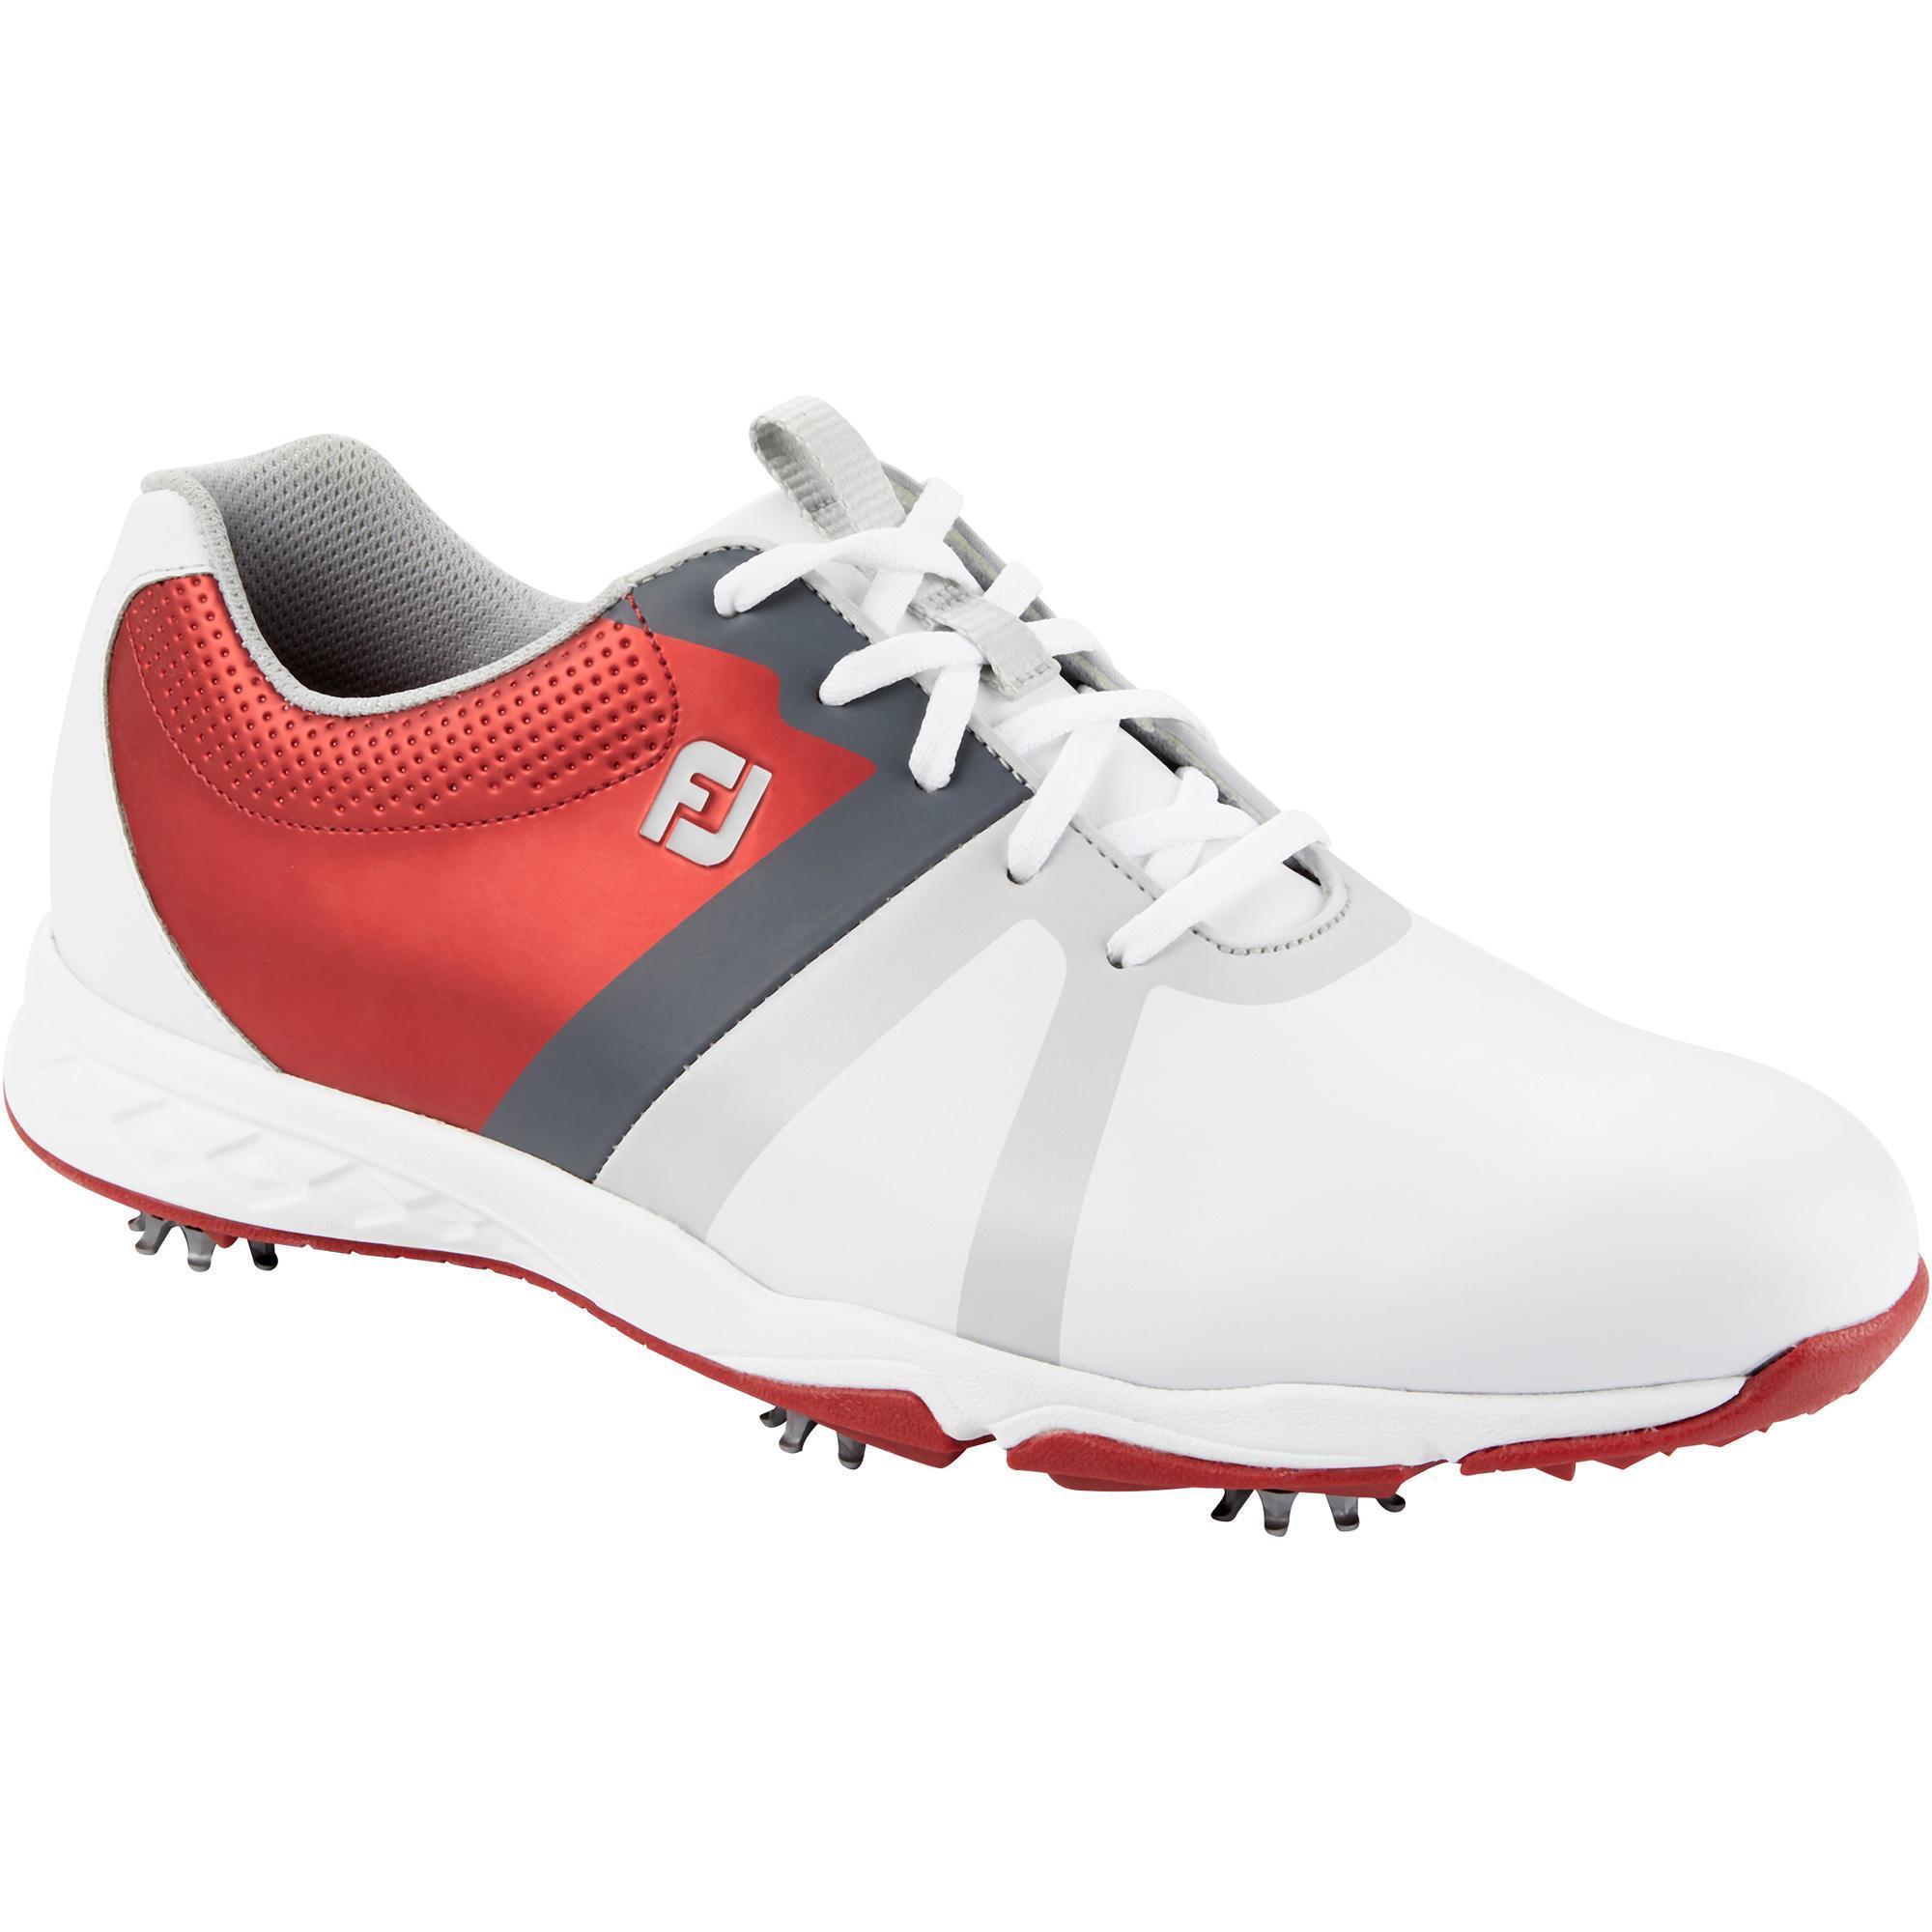 big sale 46106 f42d3 Comprar zapatos zapatillas de golf online decathlon jpg 2000x2000 Adidas  zapato acuatico